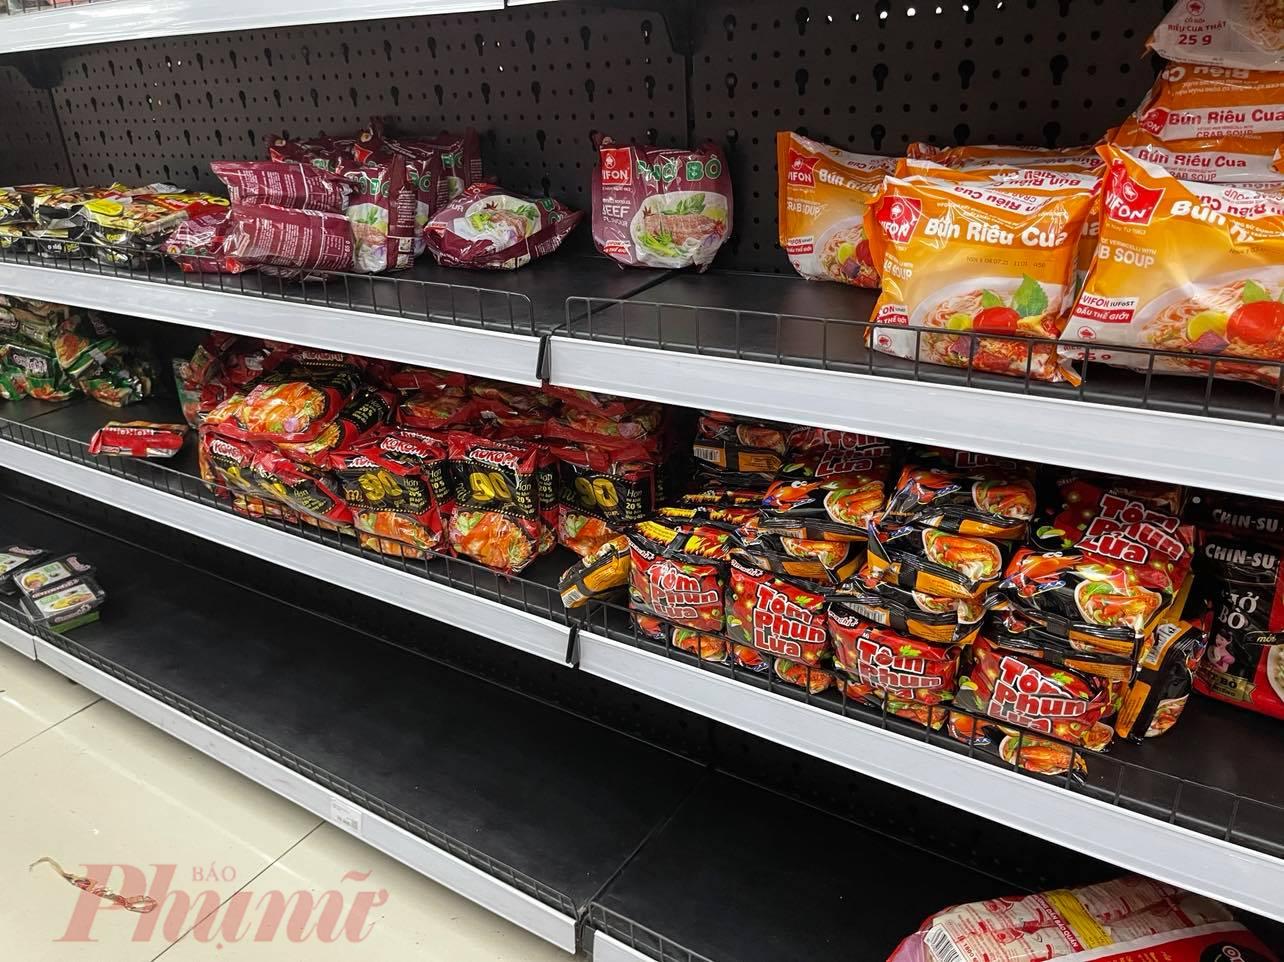 Nhiều nhóm thực phẩm chế biến, đặc biệt là các lại như bún tươi, bánh canh, sợi phở... tại các cửa hàng, siêu thị đều khan hiếm